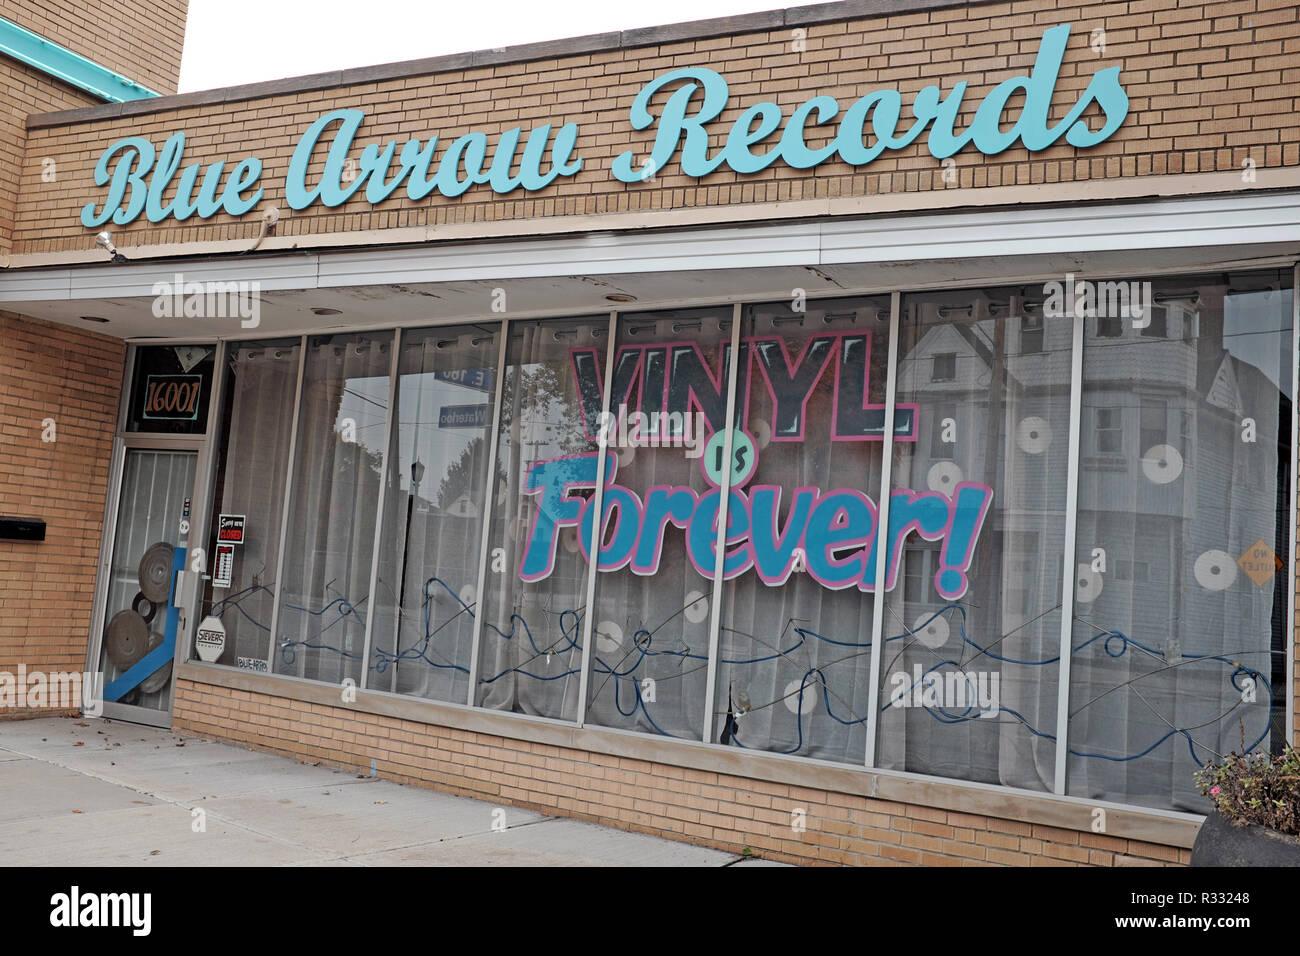 Flecha azul registros en la Waterloo artes y entretenimiento en Cleveland, Ohio, EE.UU. es una tienda de vinilo retro. Imagen De Stock